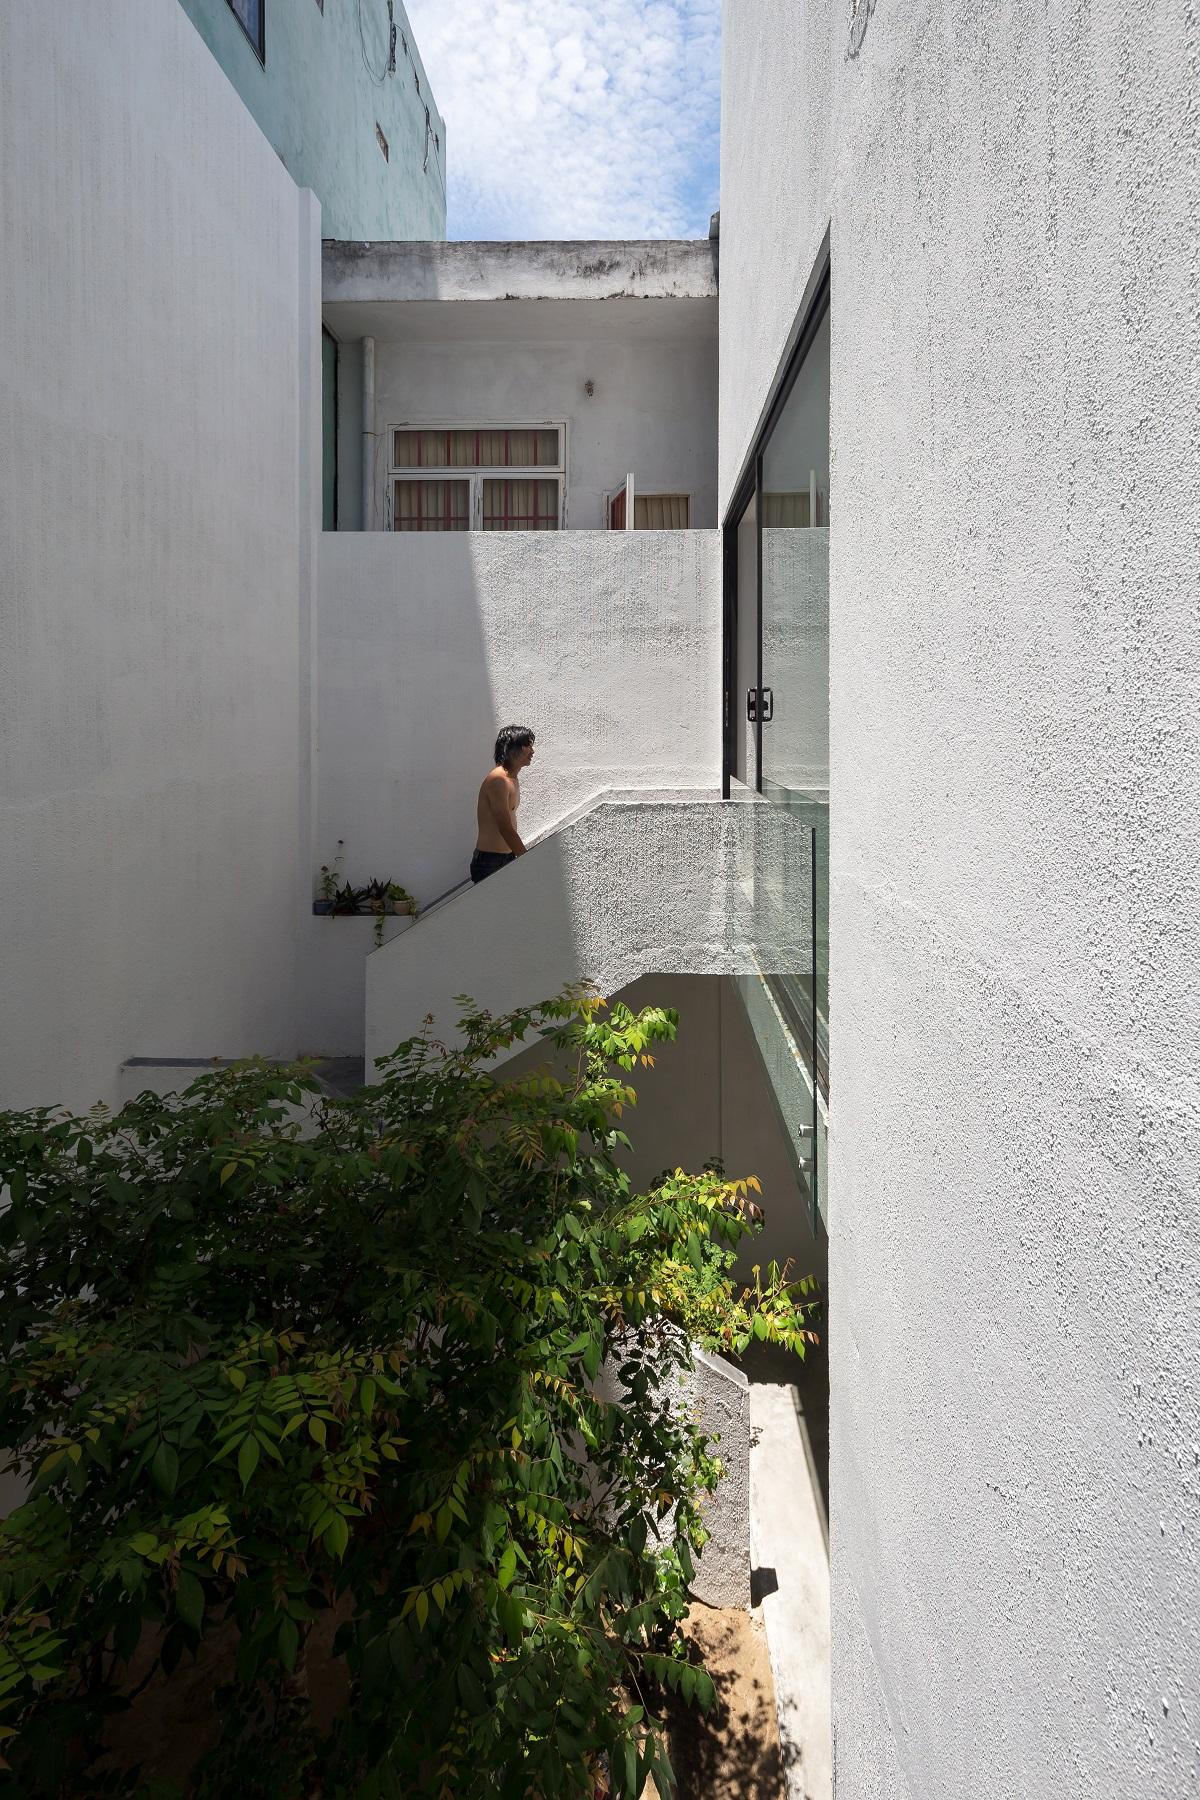 12 14 - Nhà Mệ Loan - Khoảng trời đón nắng trong ngõ nhỏ   H-H Studio